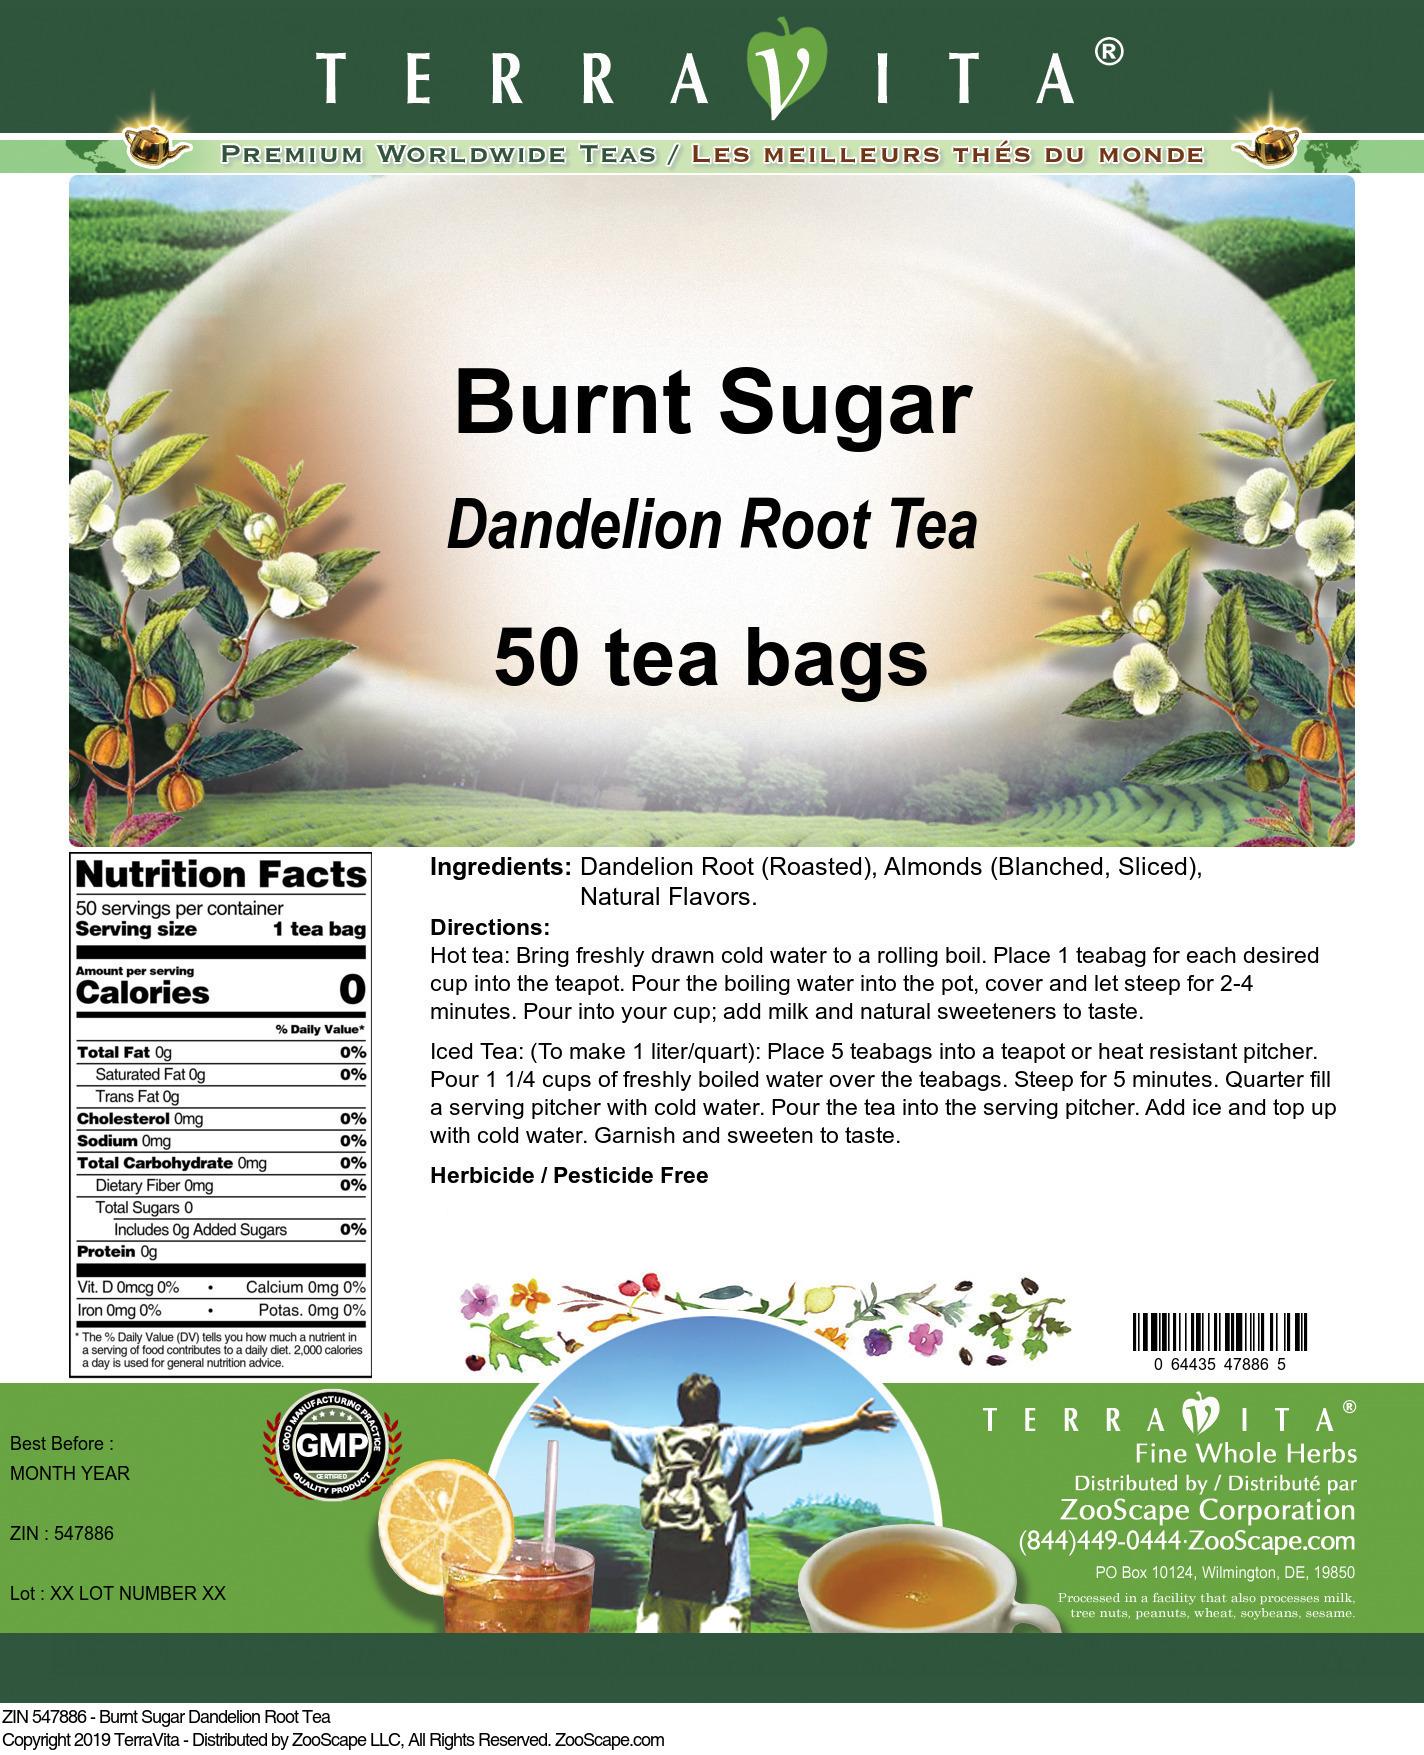 Burnt Sugar Dandelion Root Tea